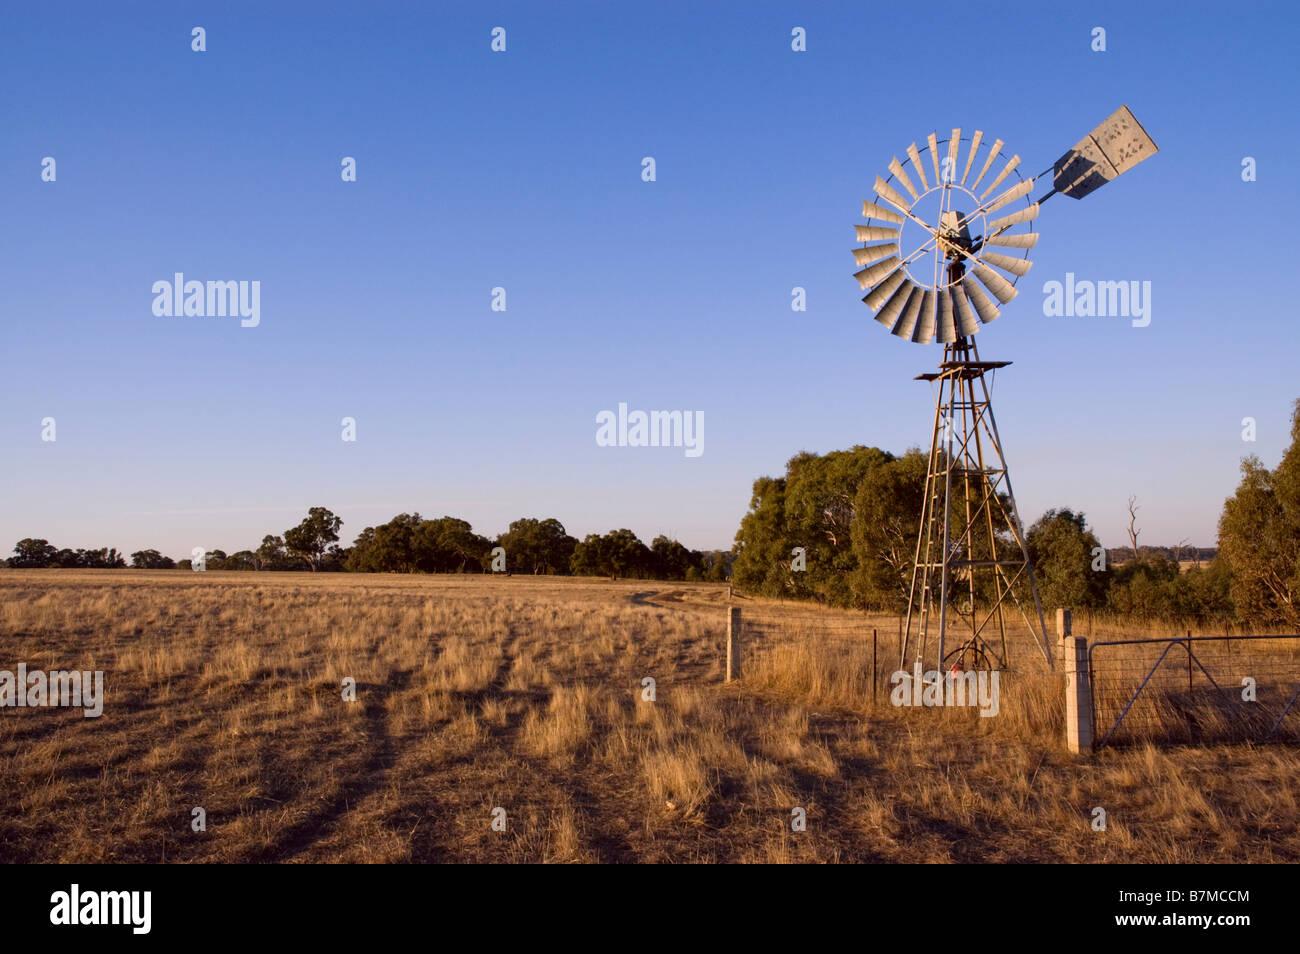 Australische Windmühle, Wind angetriebene Wasserpumpe Stockbild